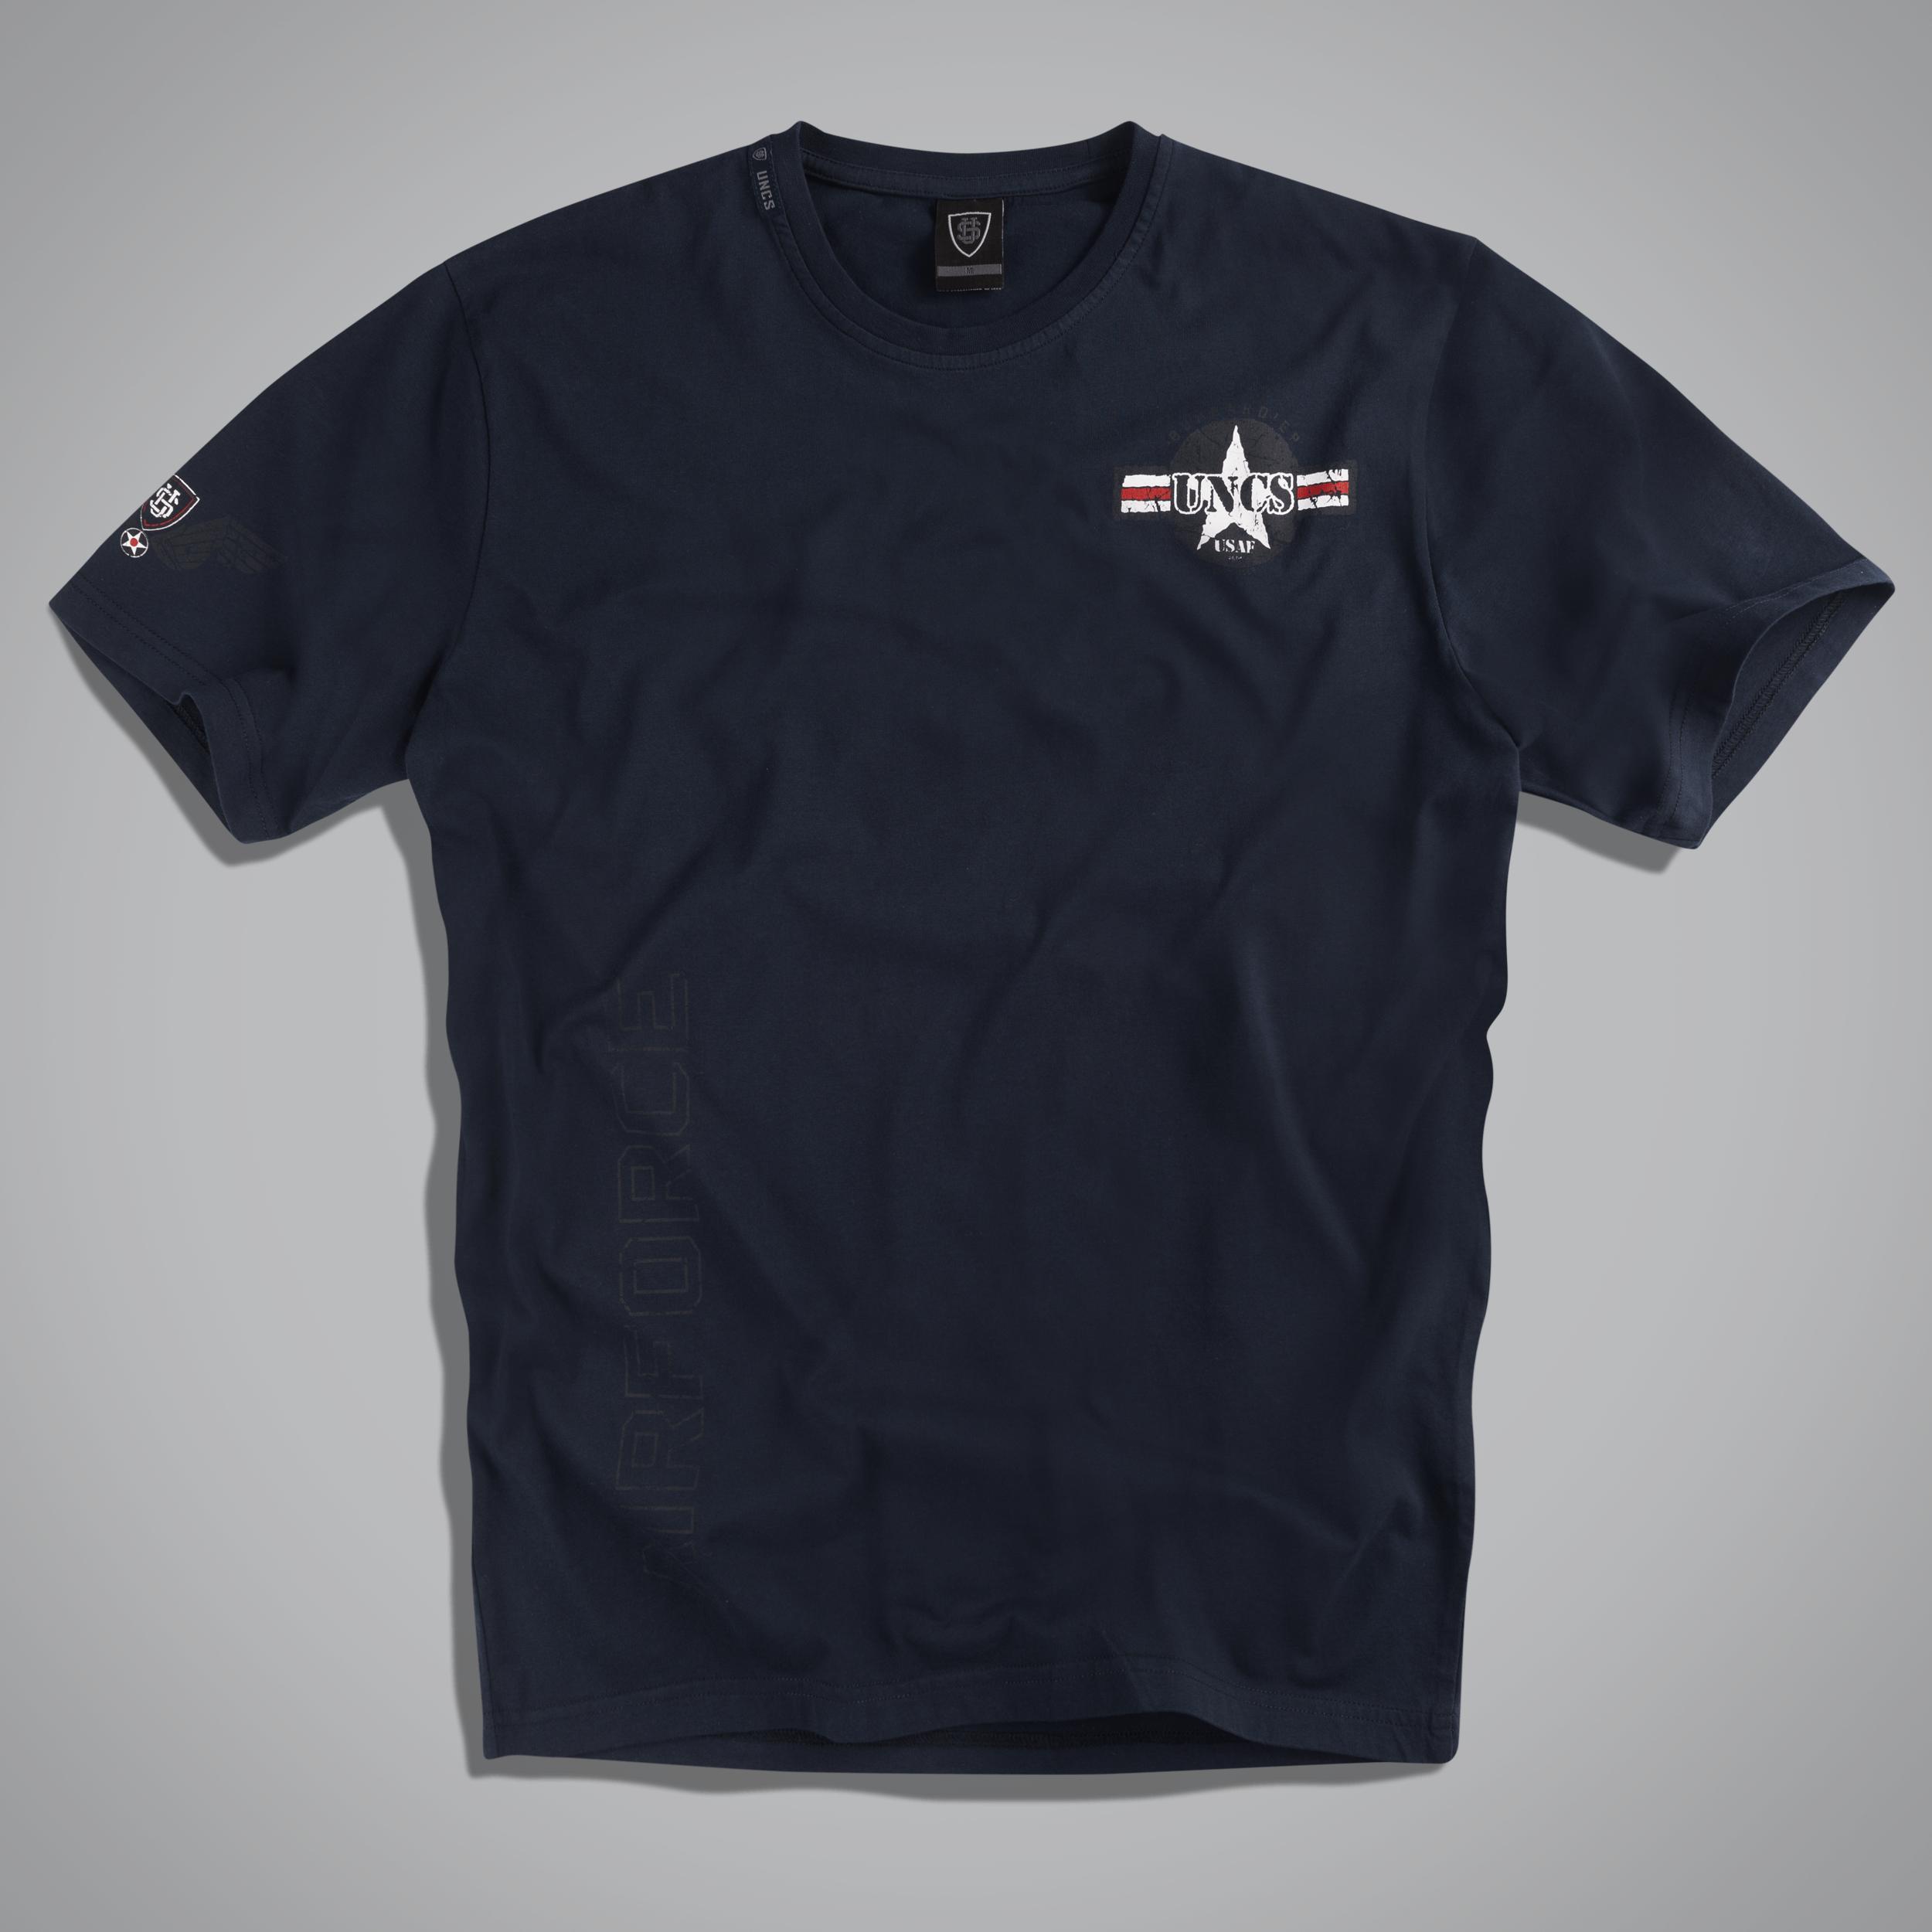 Pánské triko Airforce III - Outlet - doprodej pánského oblečení 003103a198